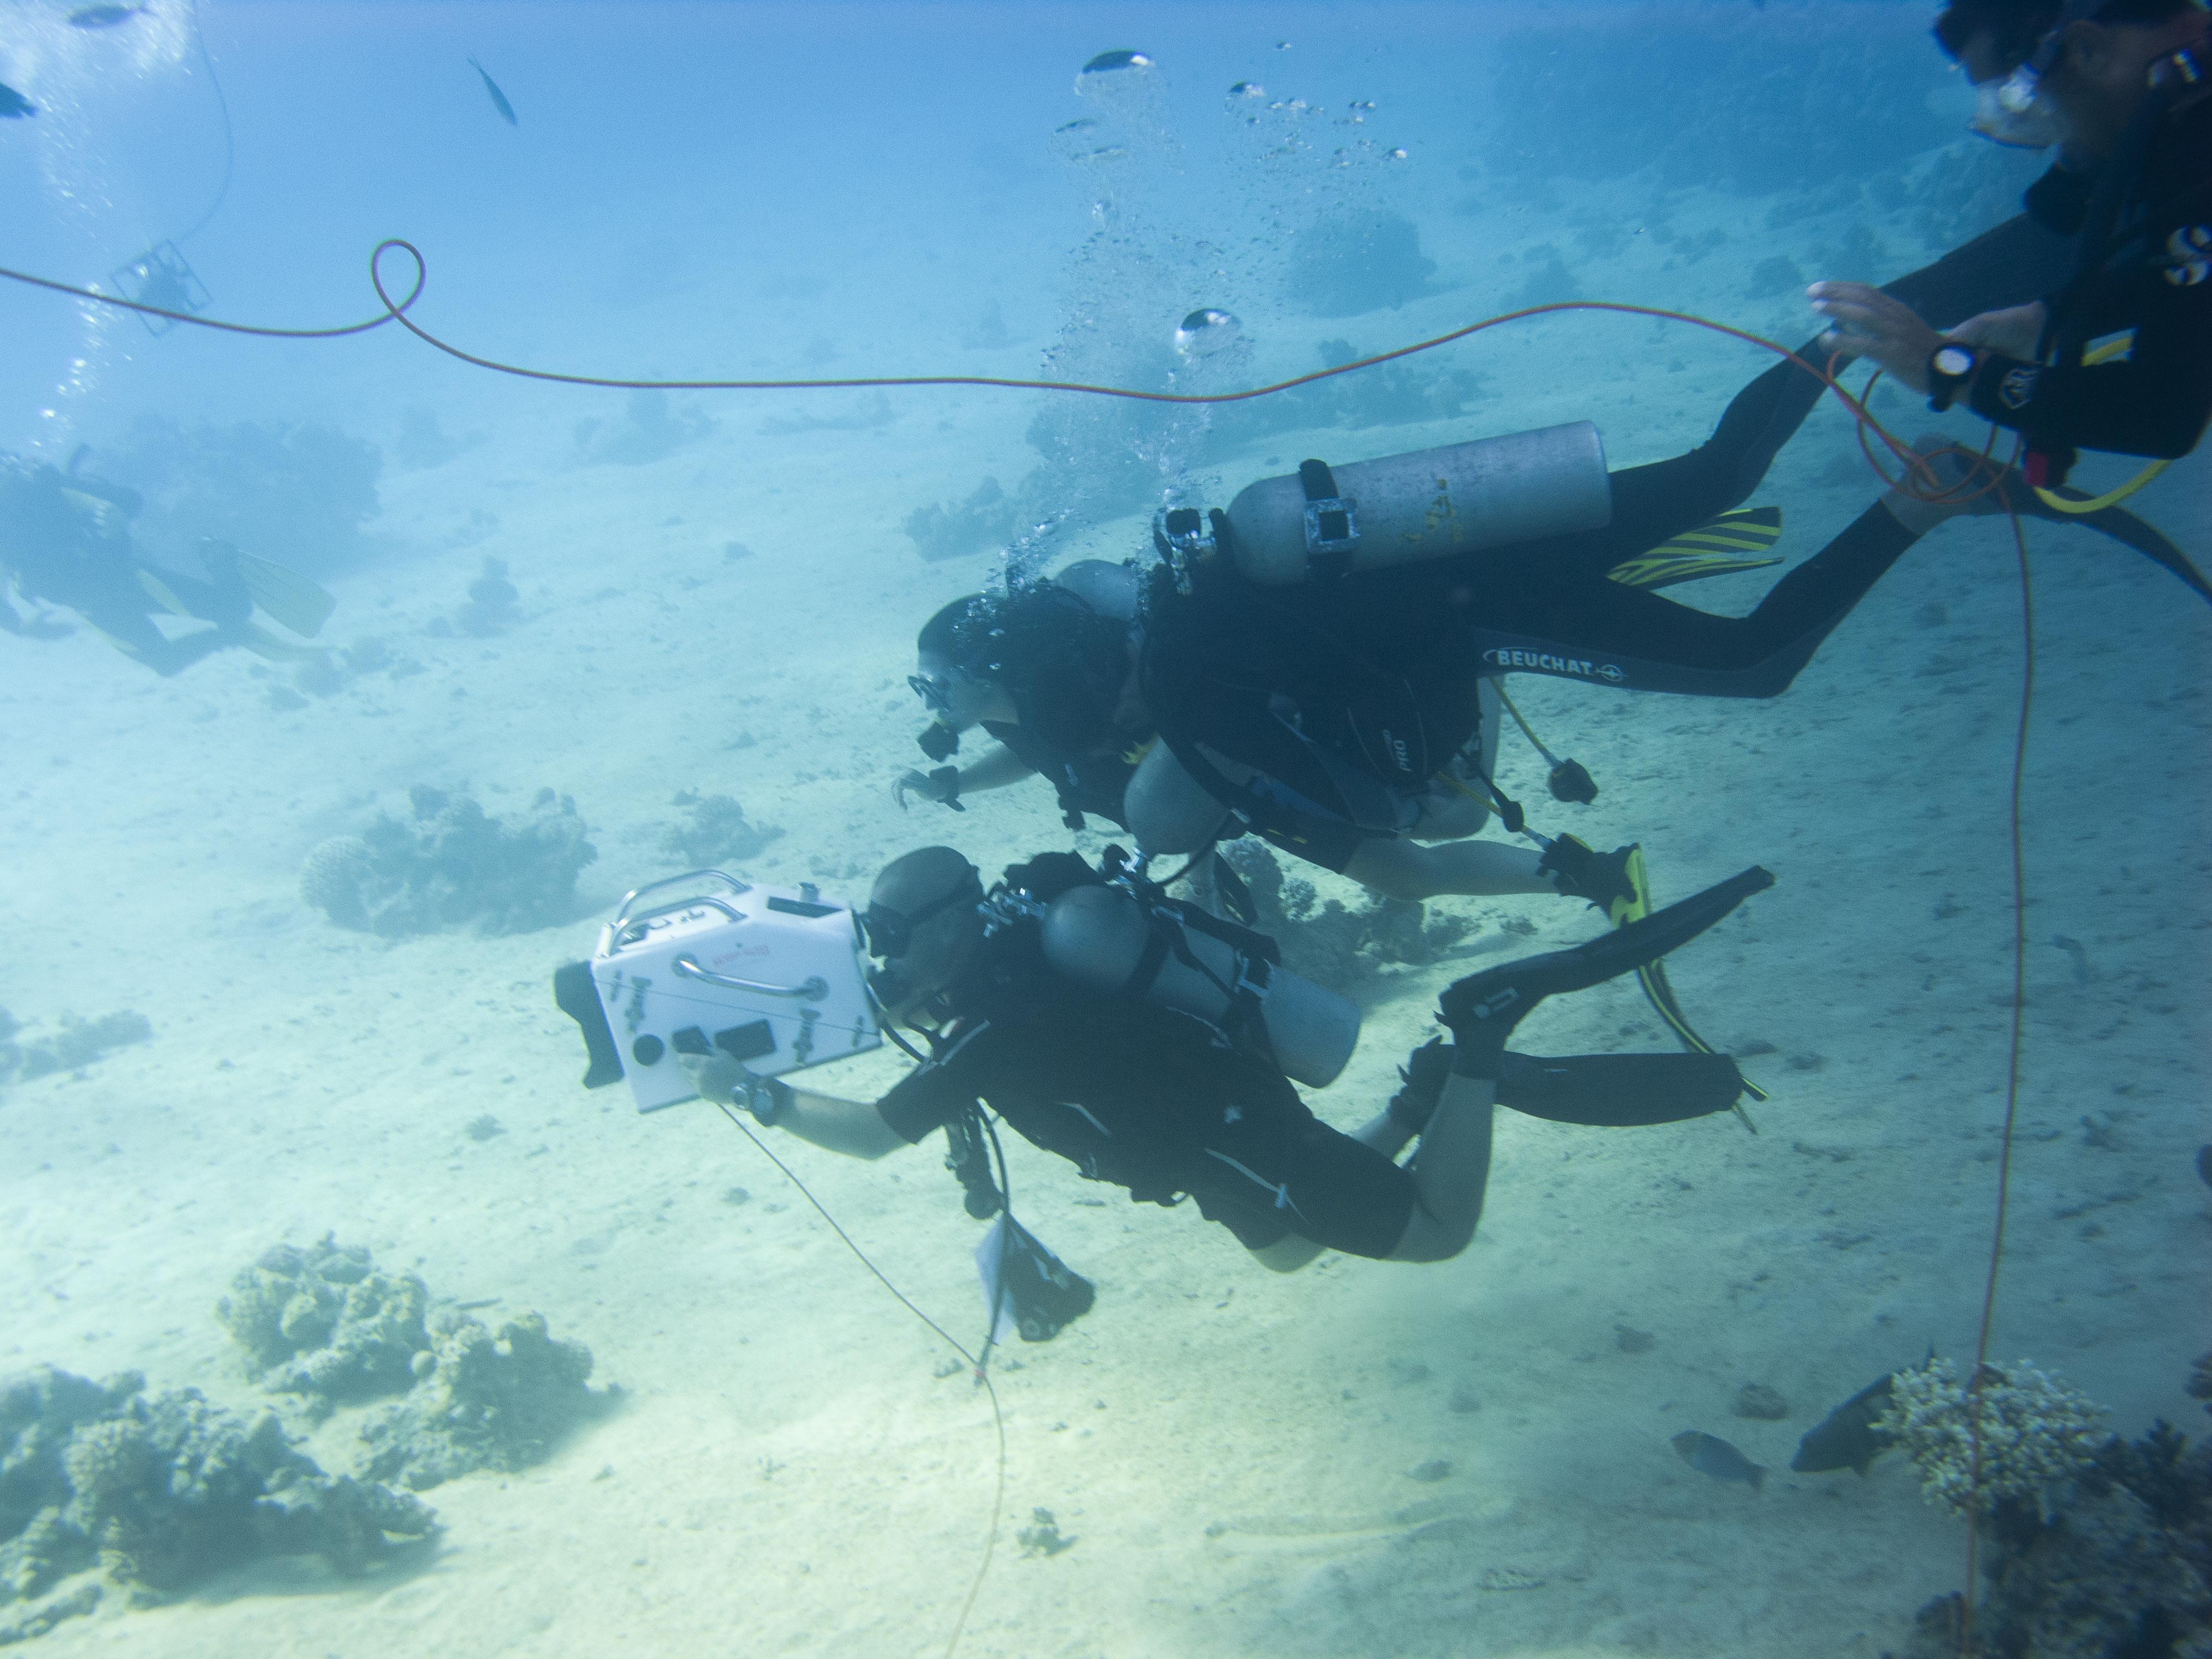 FP filming underwater